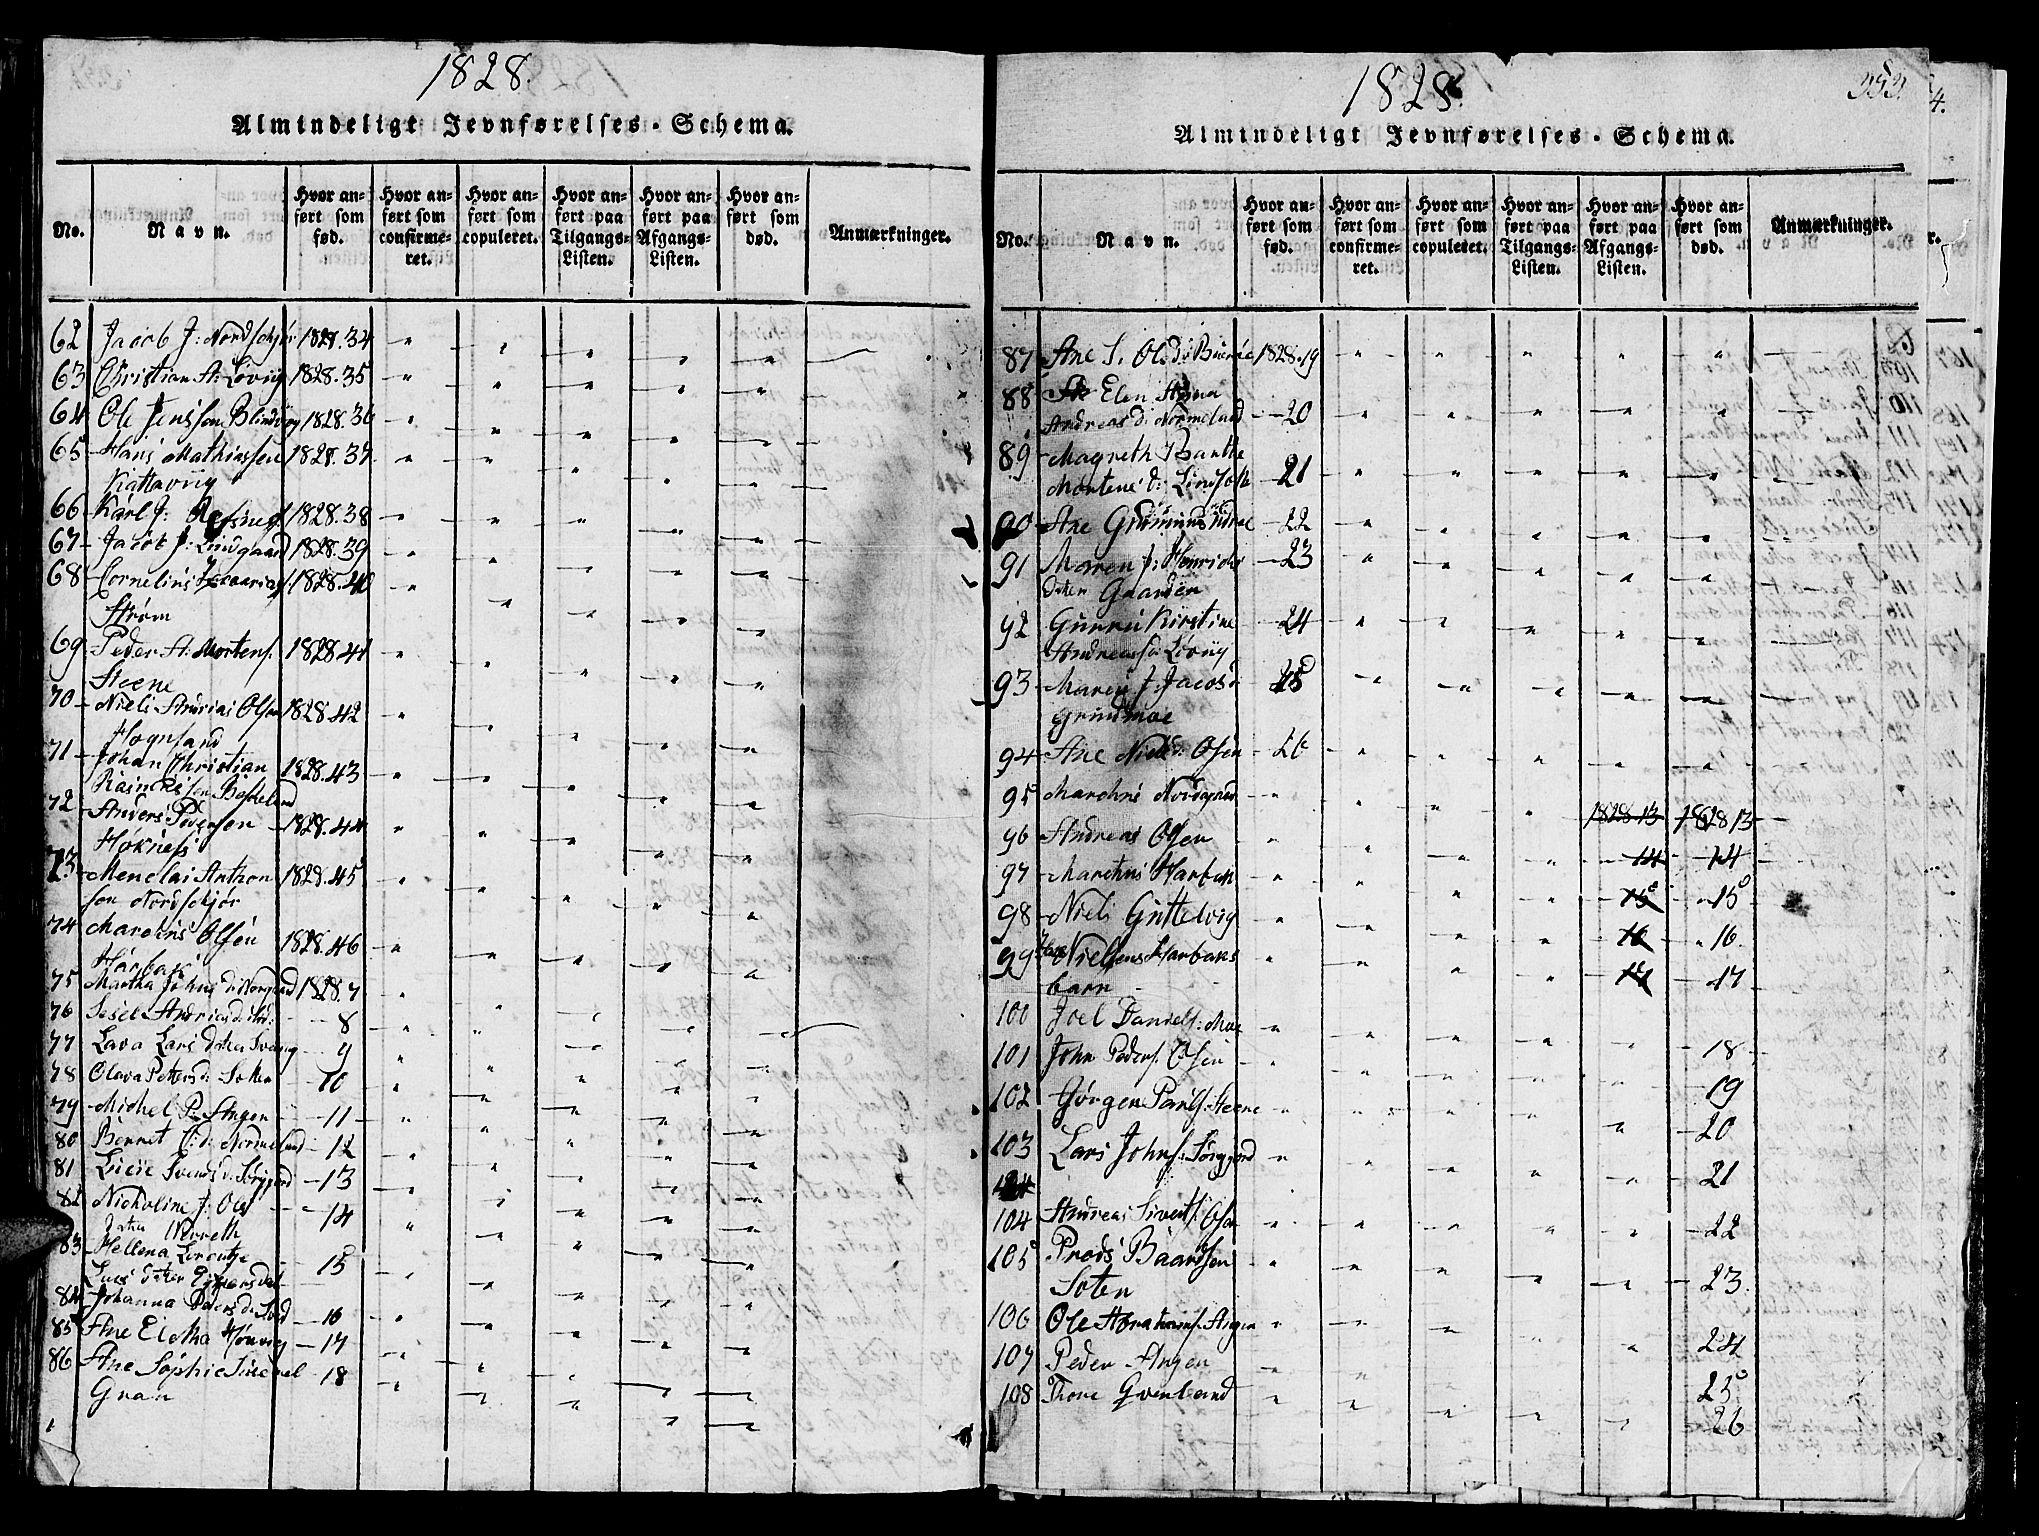 SAT, Ministerialprotokoller, klokkerbøker og fødselsregistre - Sør-Trøndelag, 657/L0714: Klokkerbok nr. 657C01, 1818-1868, s. 353